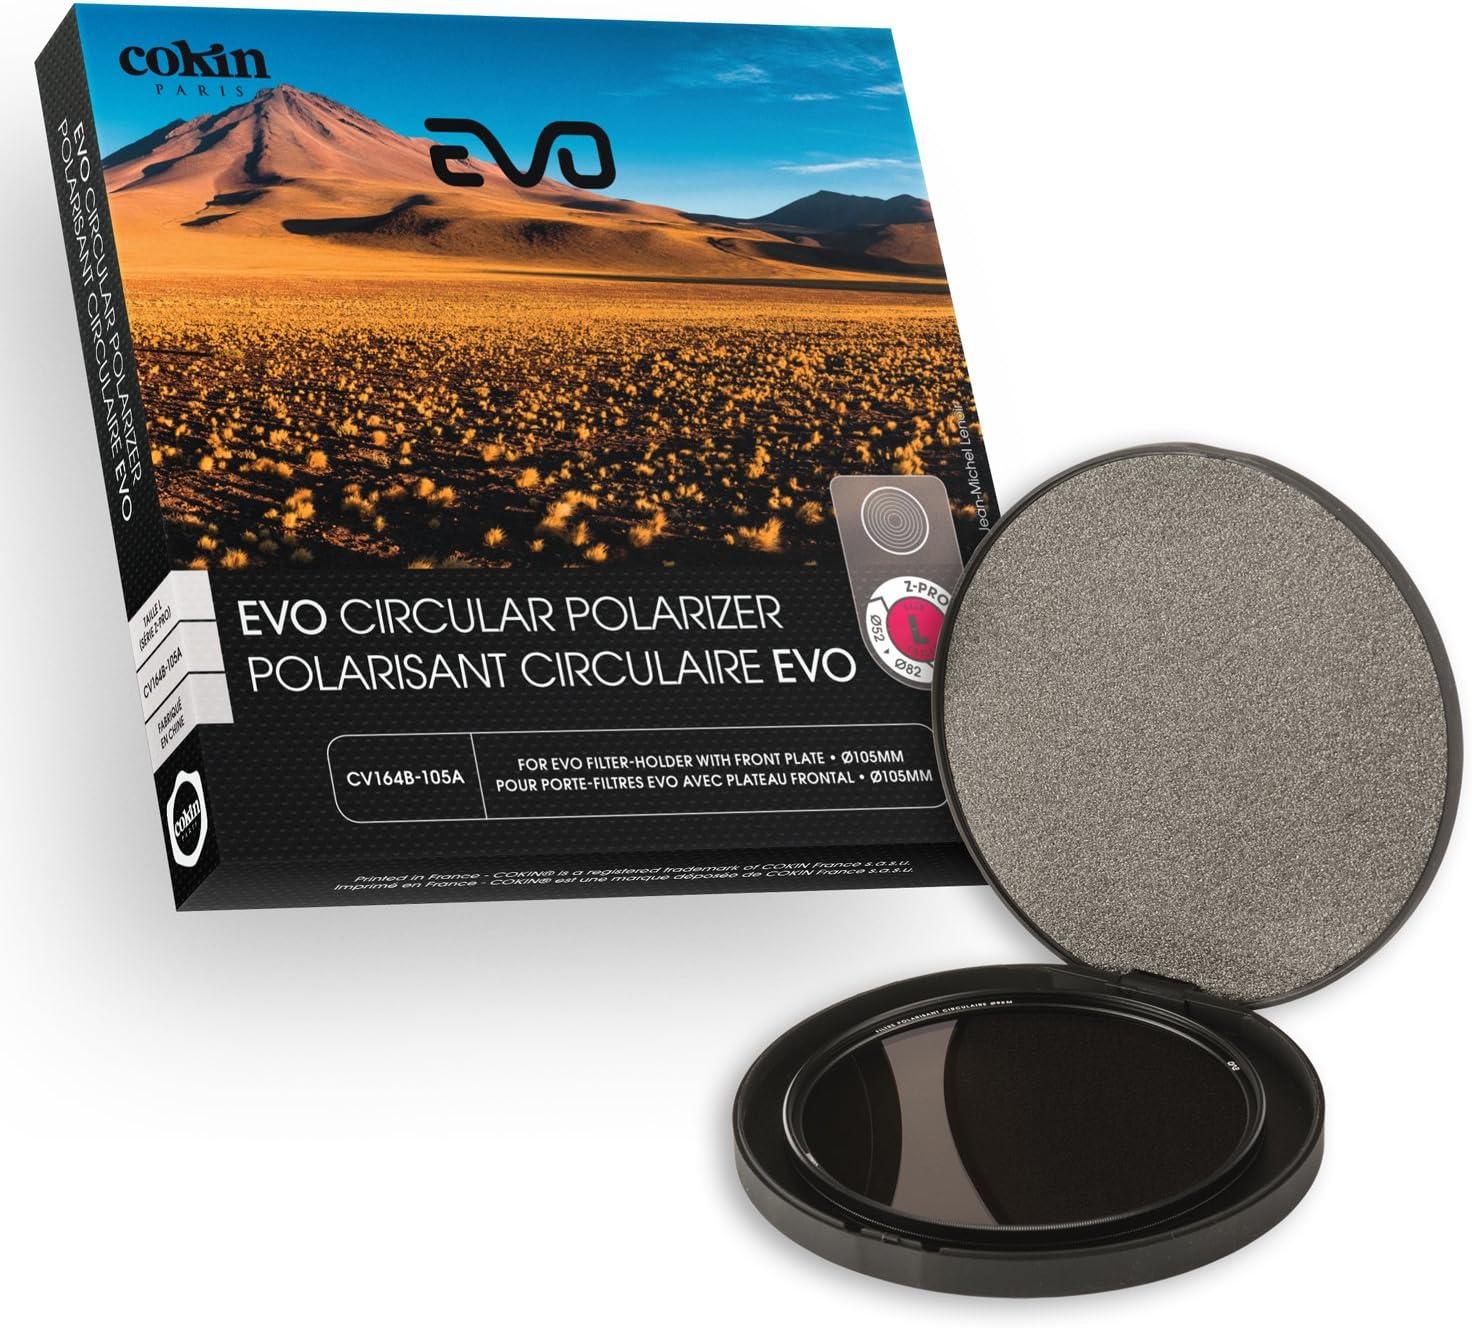 Cokin Cv164 105a Polarisationsfilter C Pl Evo 105 Mm Kamera